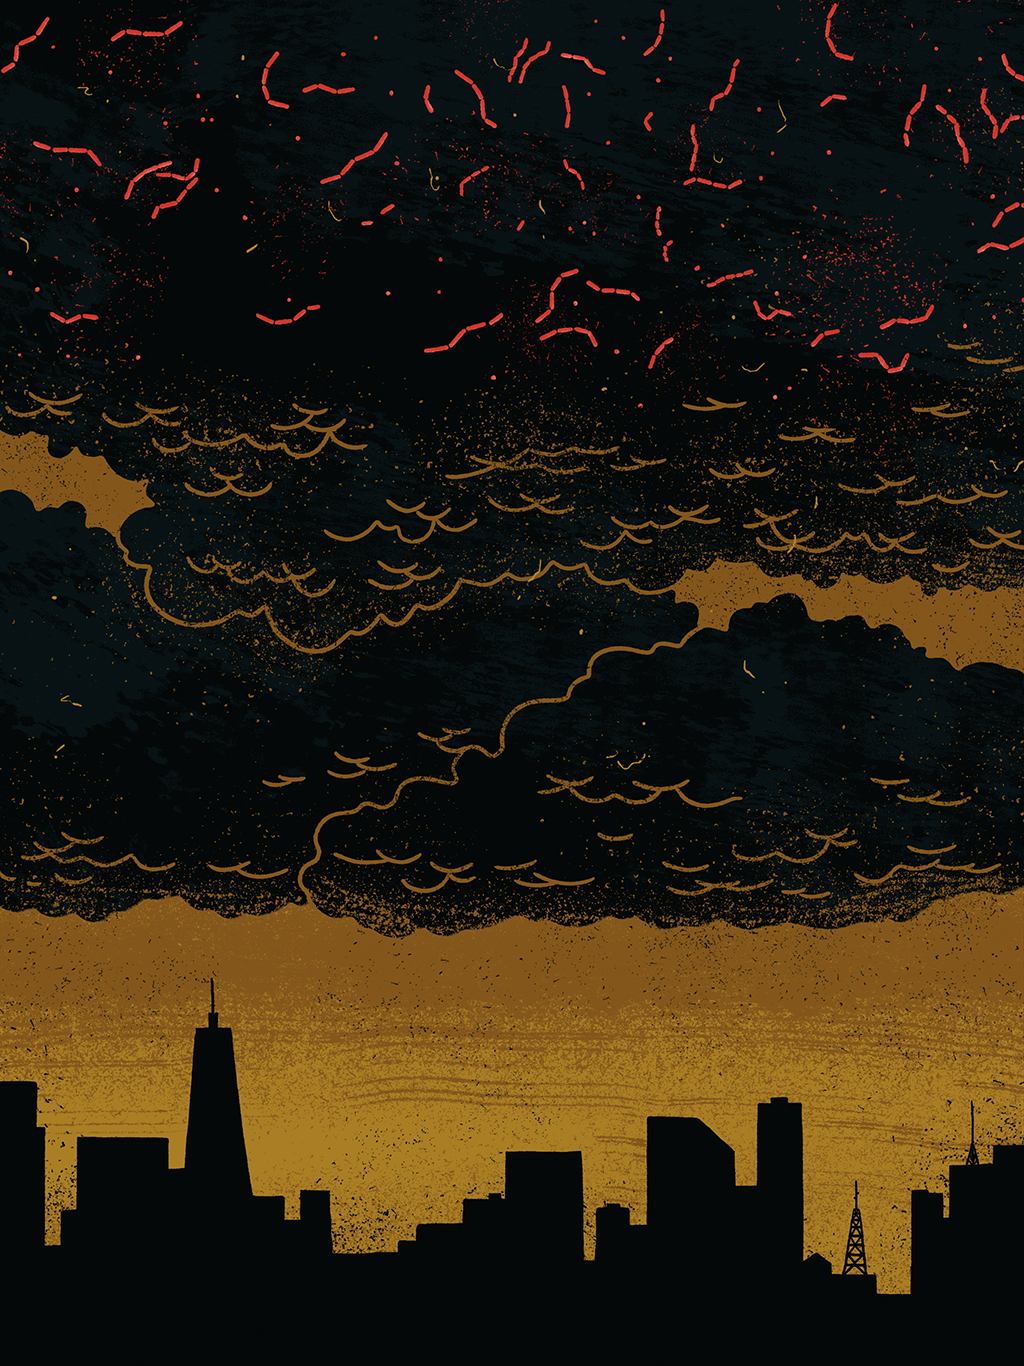 Ilustração de skyline de cidade com nuvens no céu e micróbios acima delas.